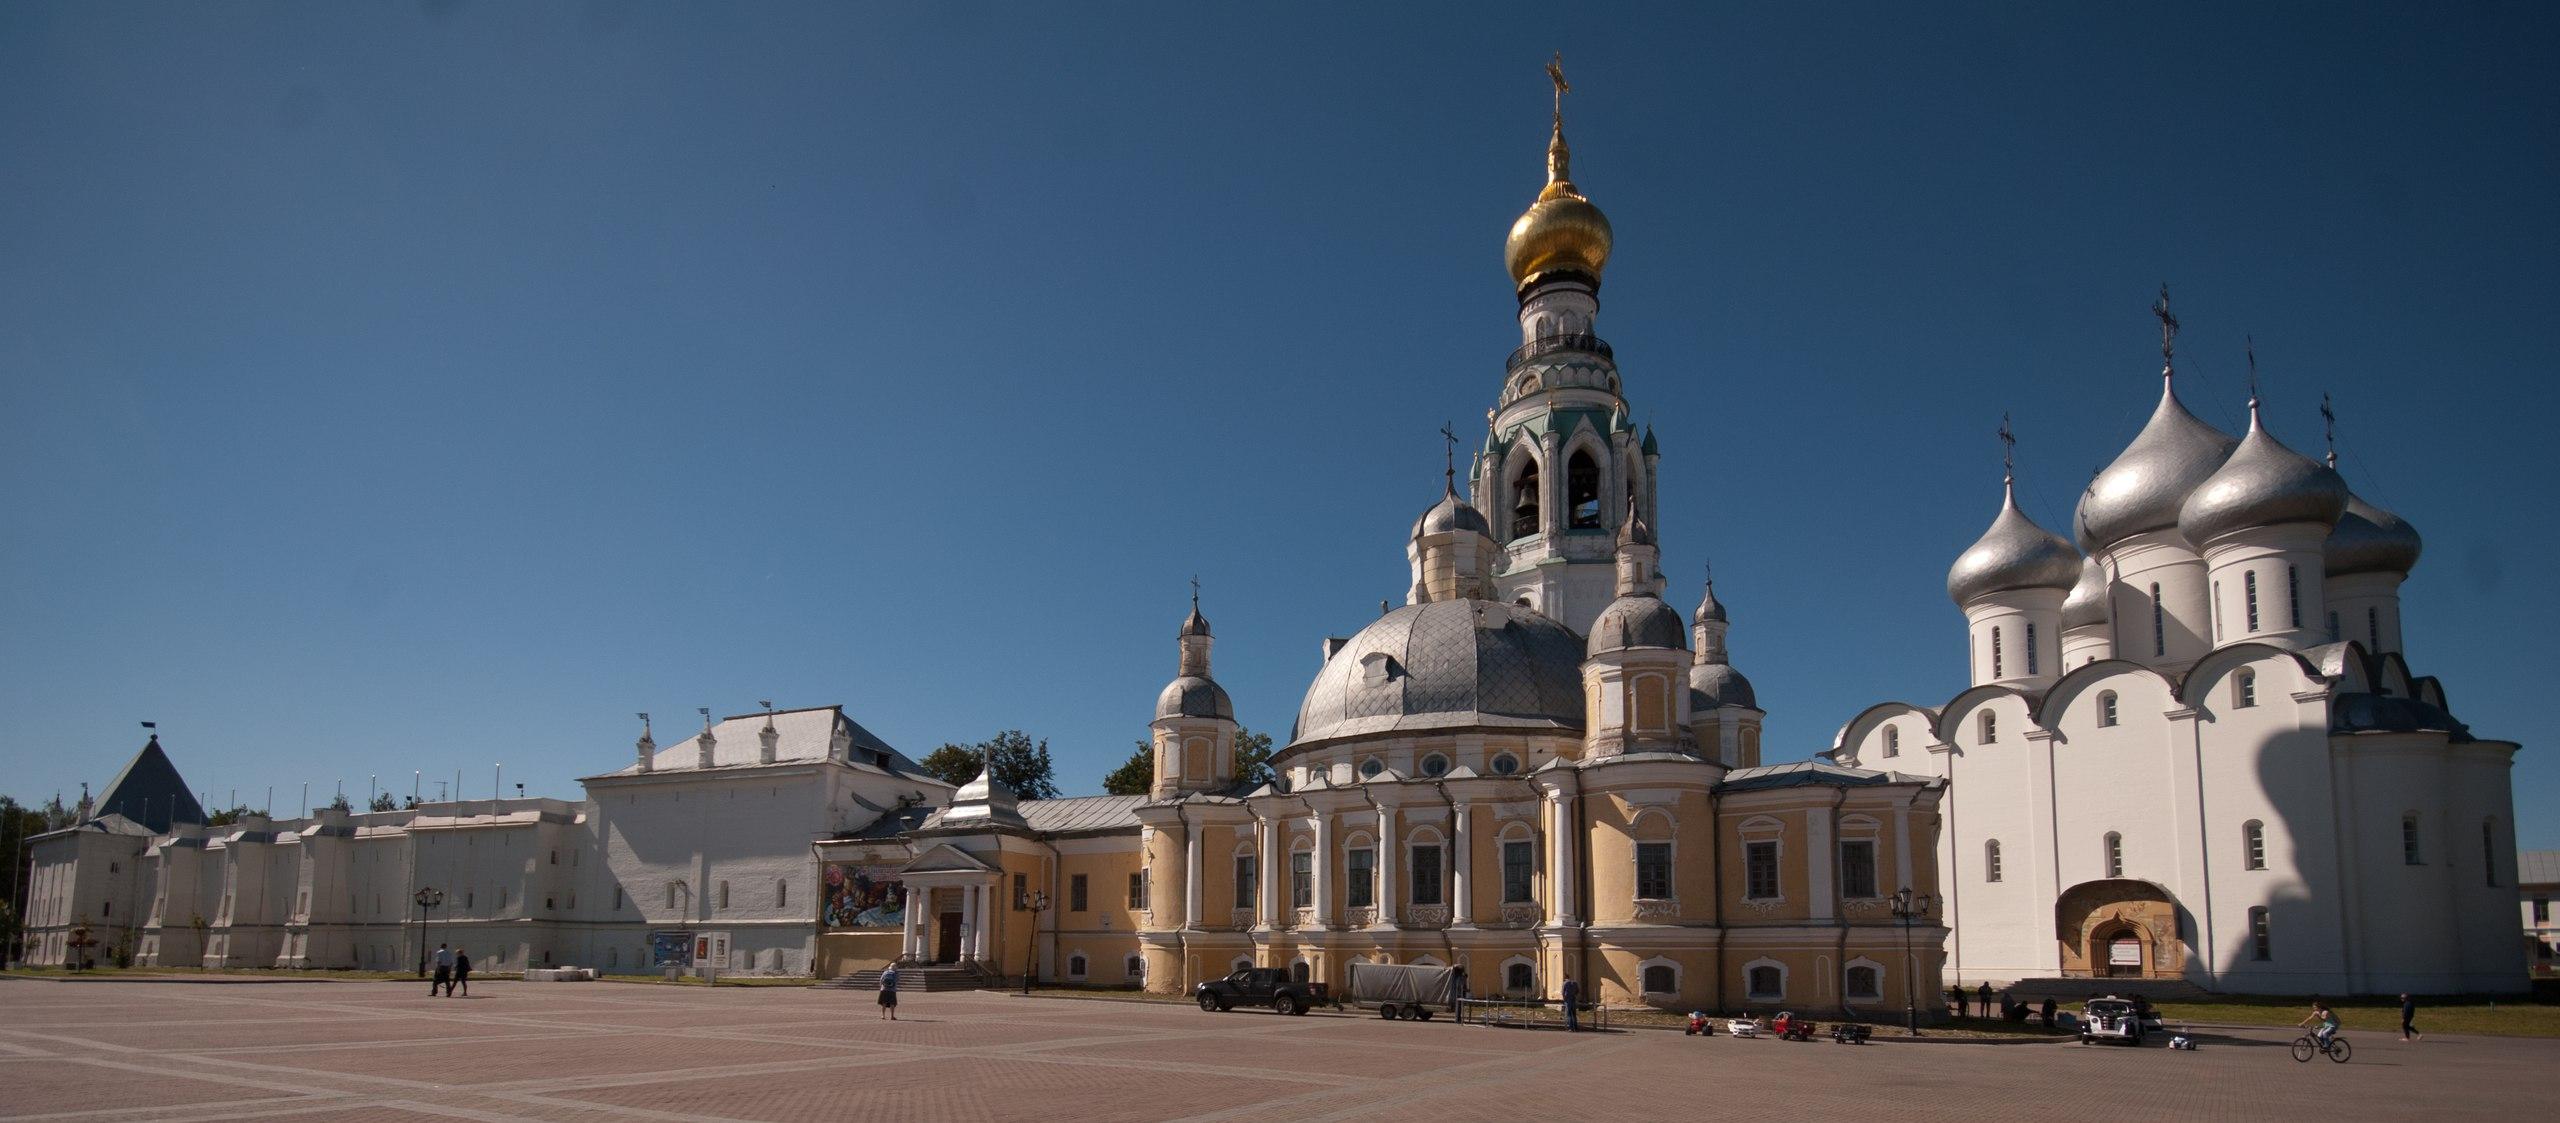 Вологодский кремль начали реставрировать